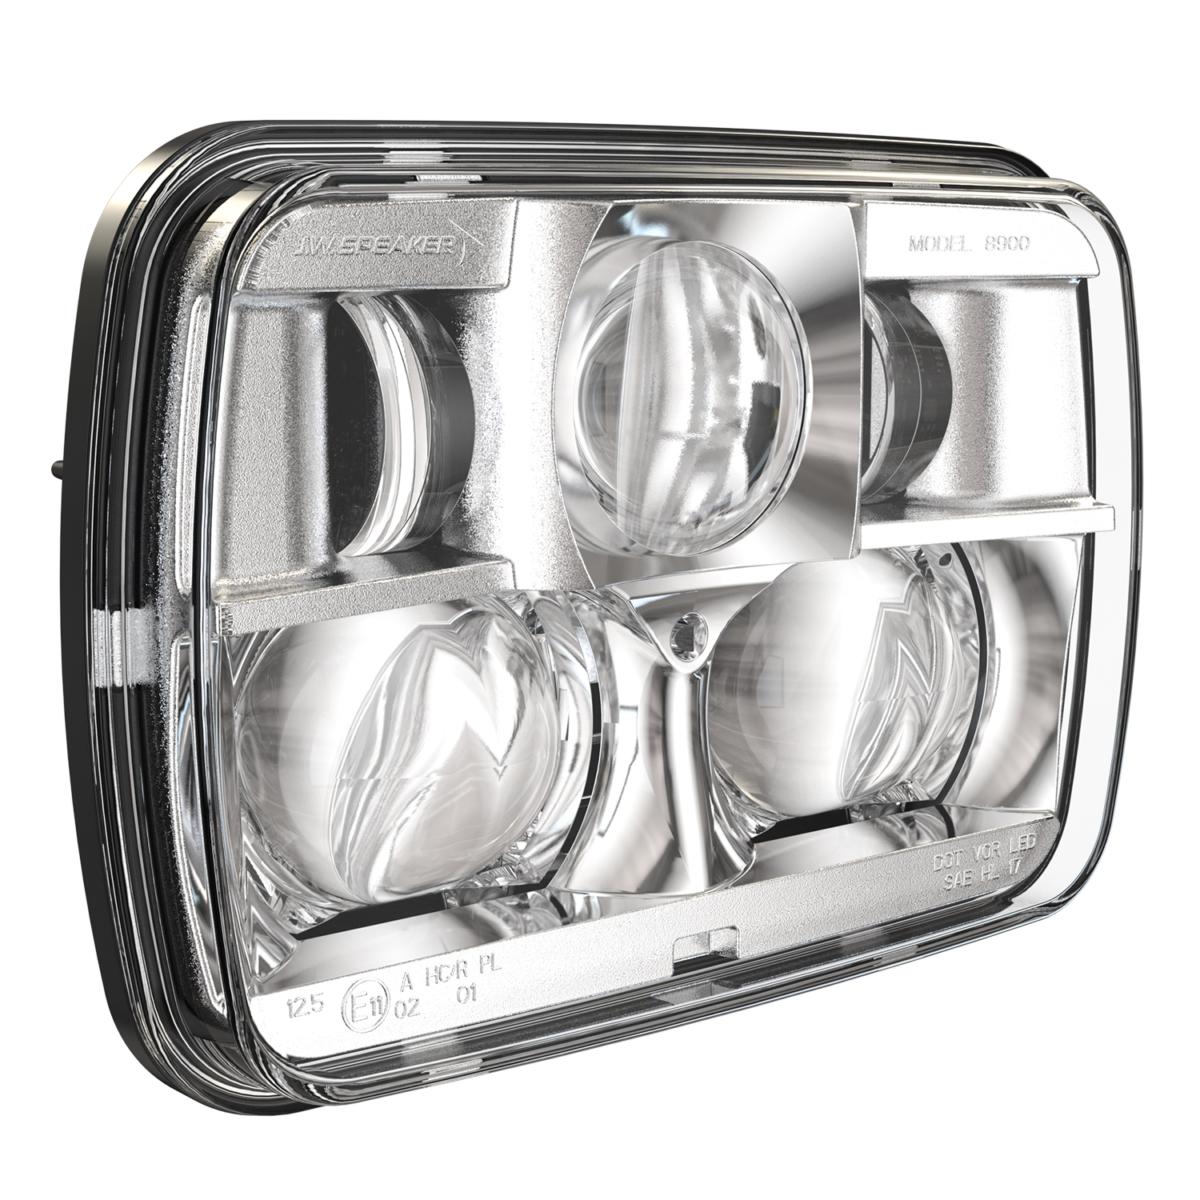 LED Headlights – Model 8900 Evolution 2